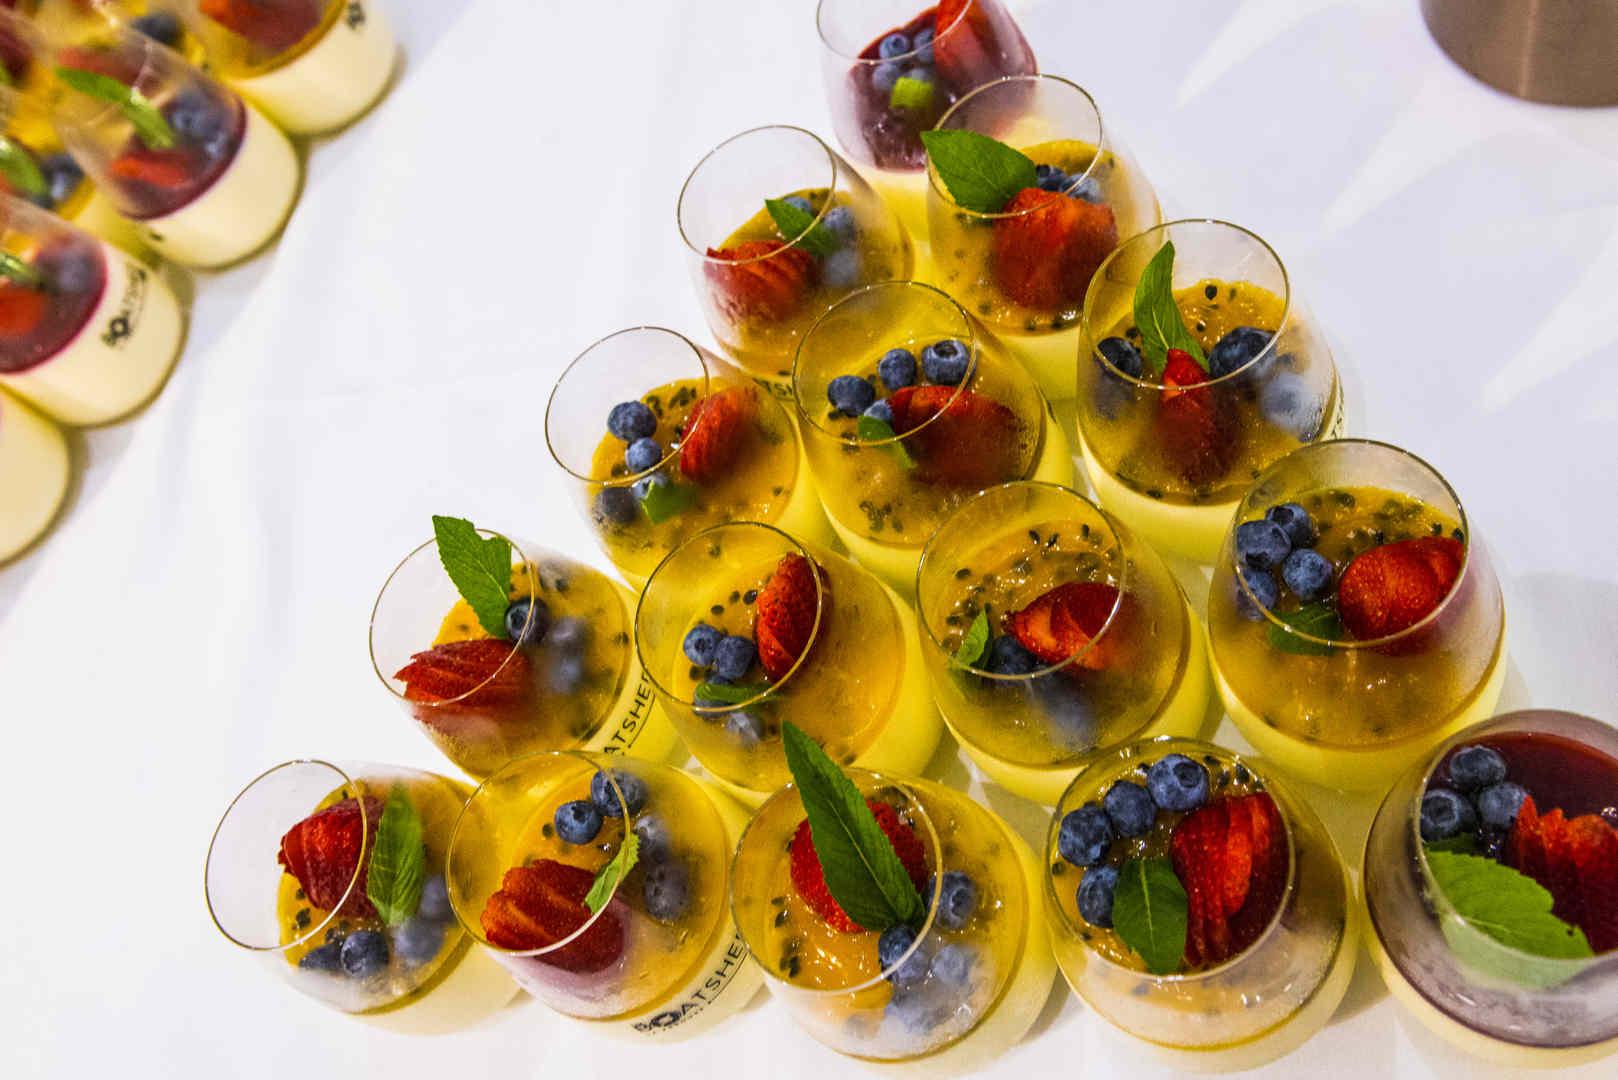 dessert at wedding